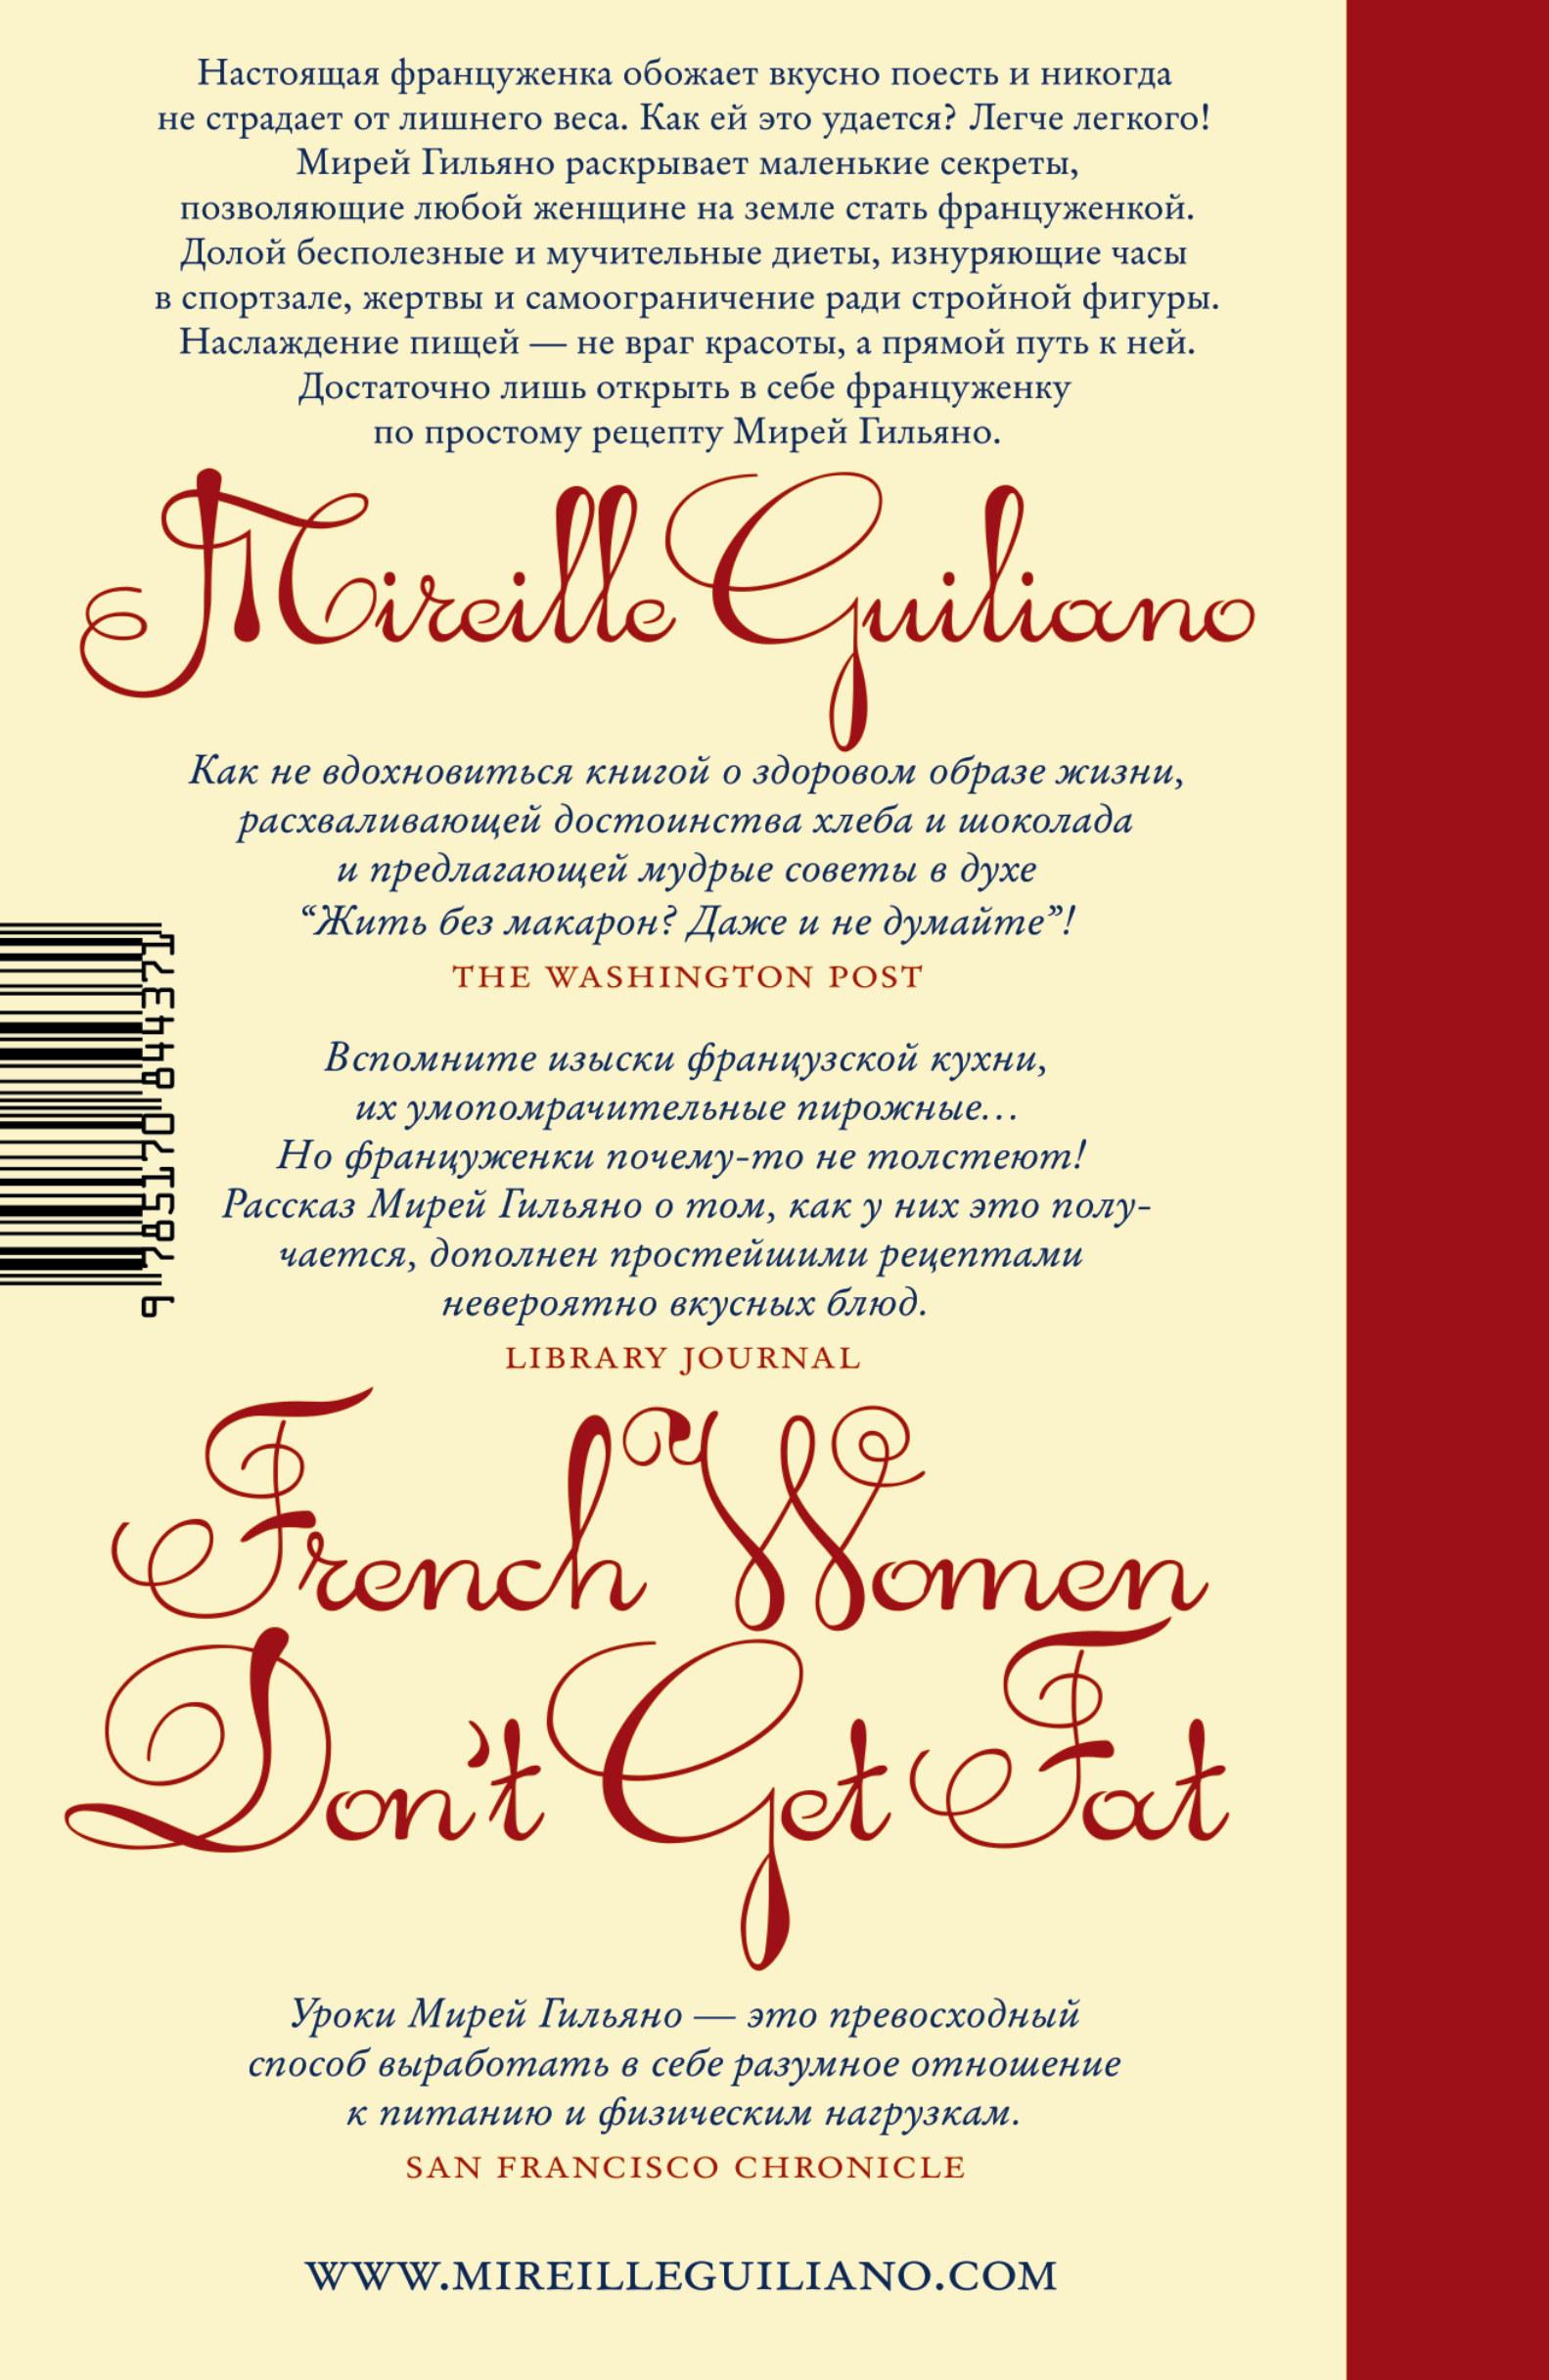 Француженки не толстеют